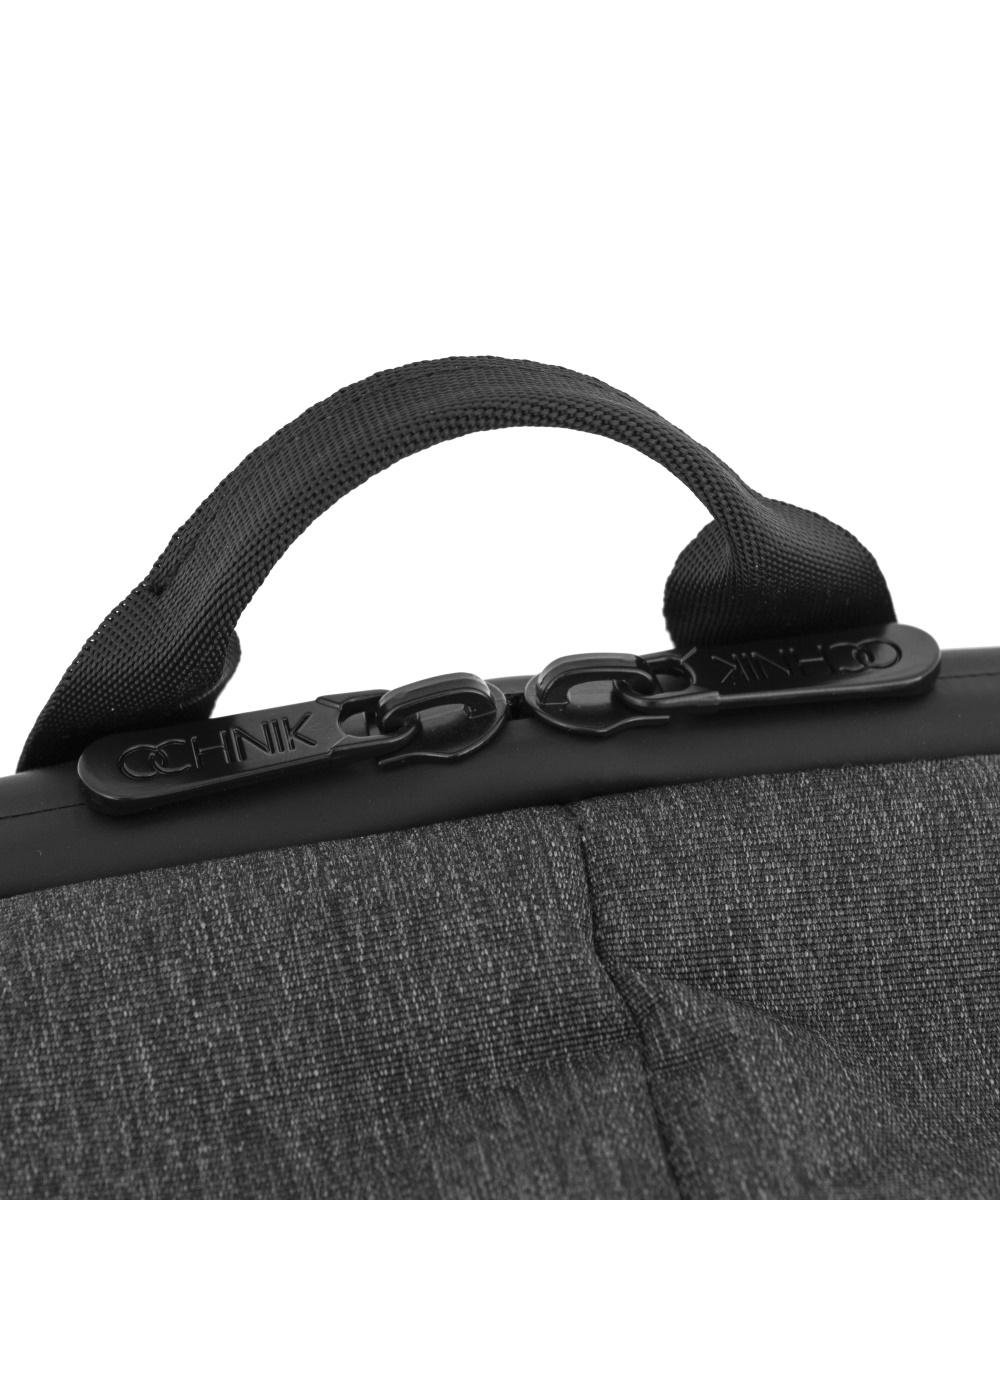 Plecak męski TORMN-0100-99(W20)